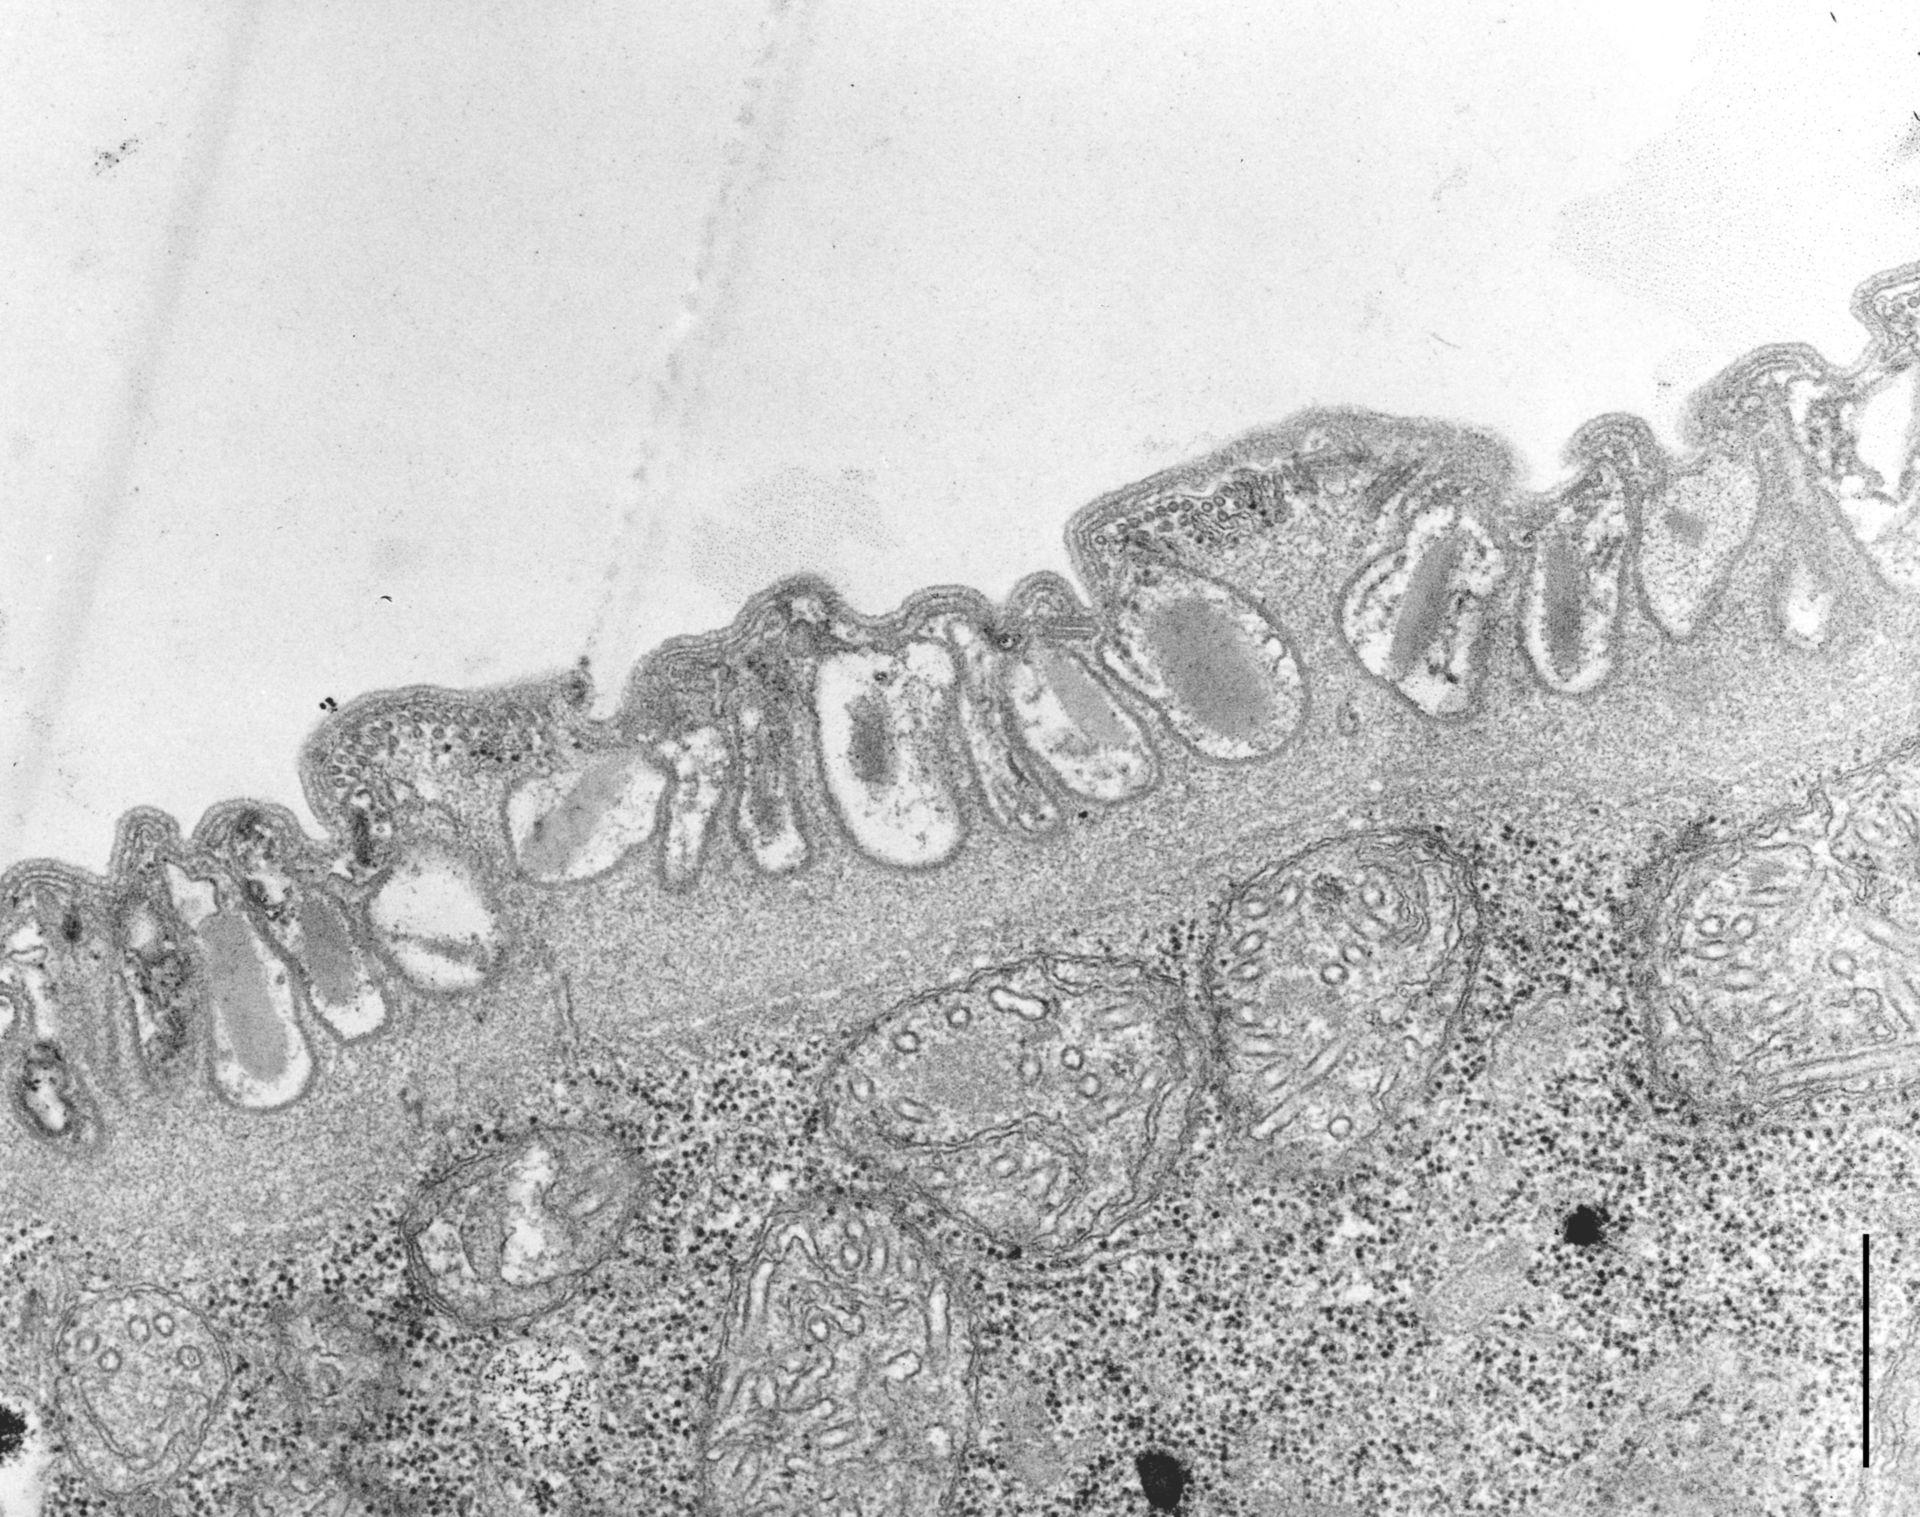 Didinium nasutum (Extrusomes) - CIL:10004